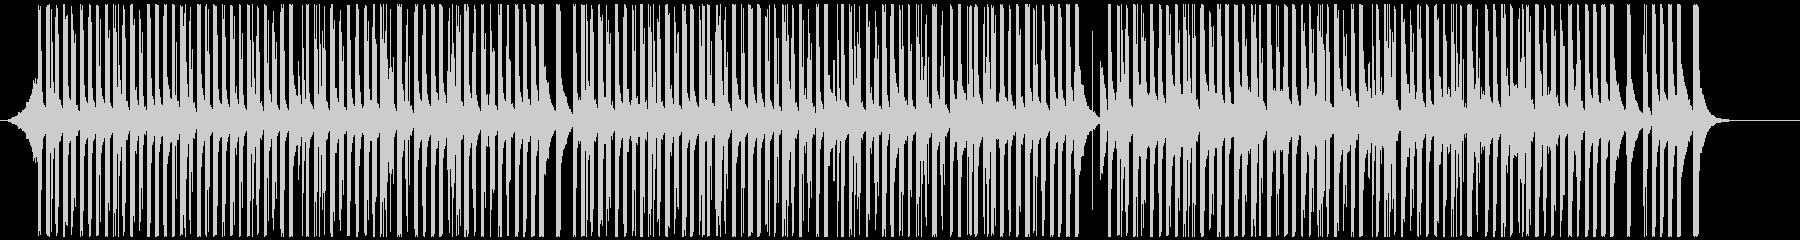 ドラムと手拍子ジングル明るい疾走感(長)の未再生の波形